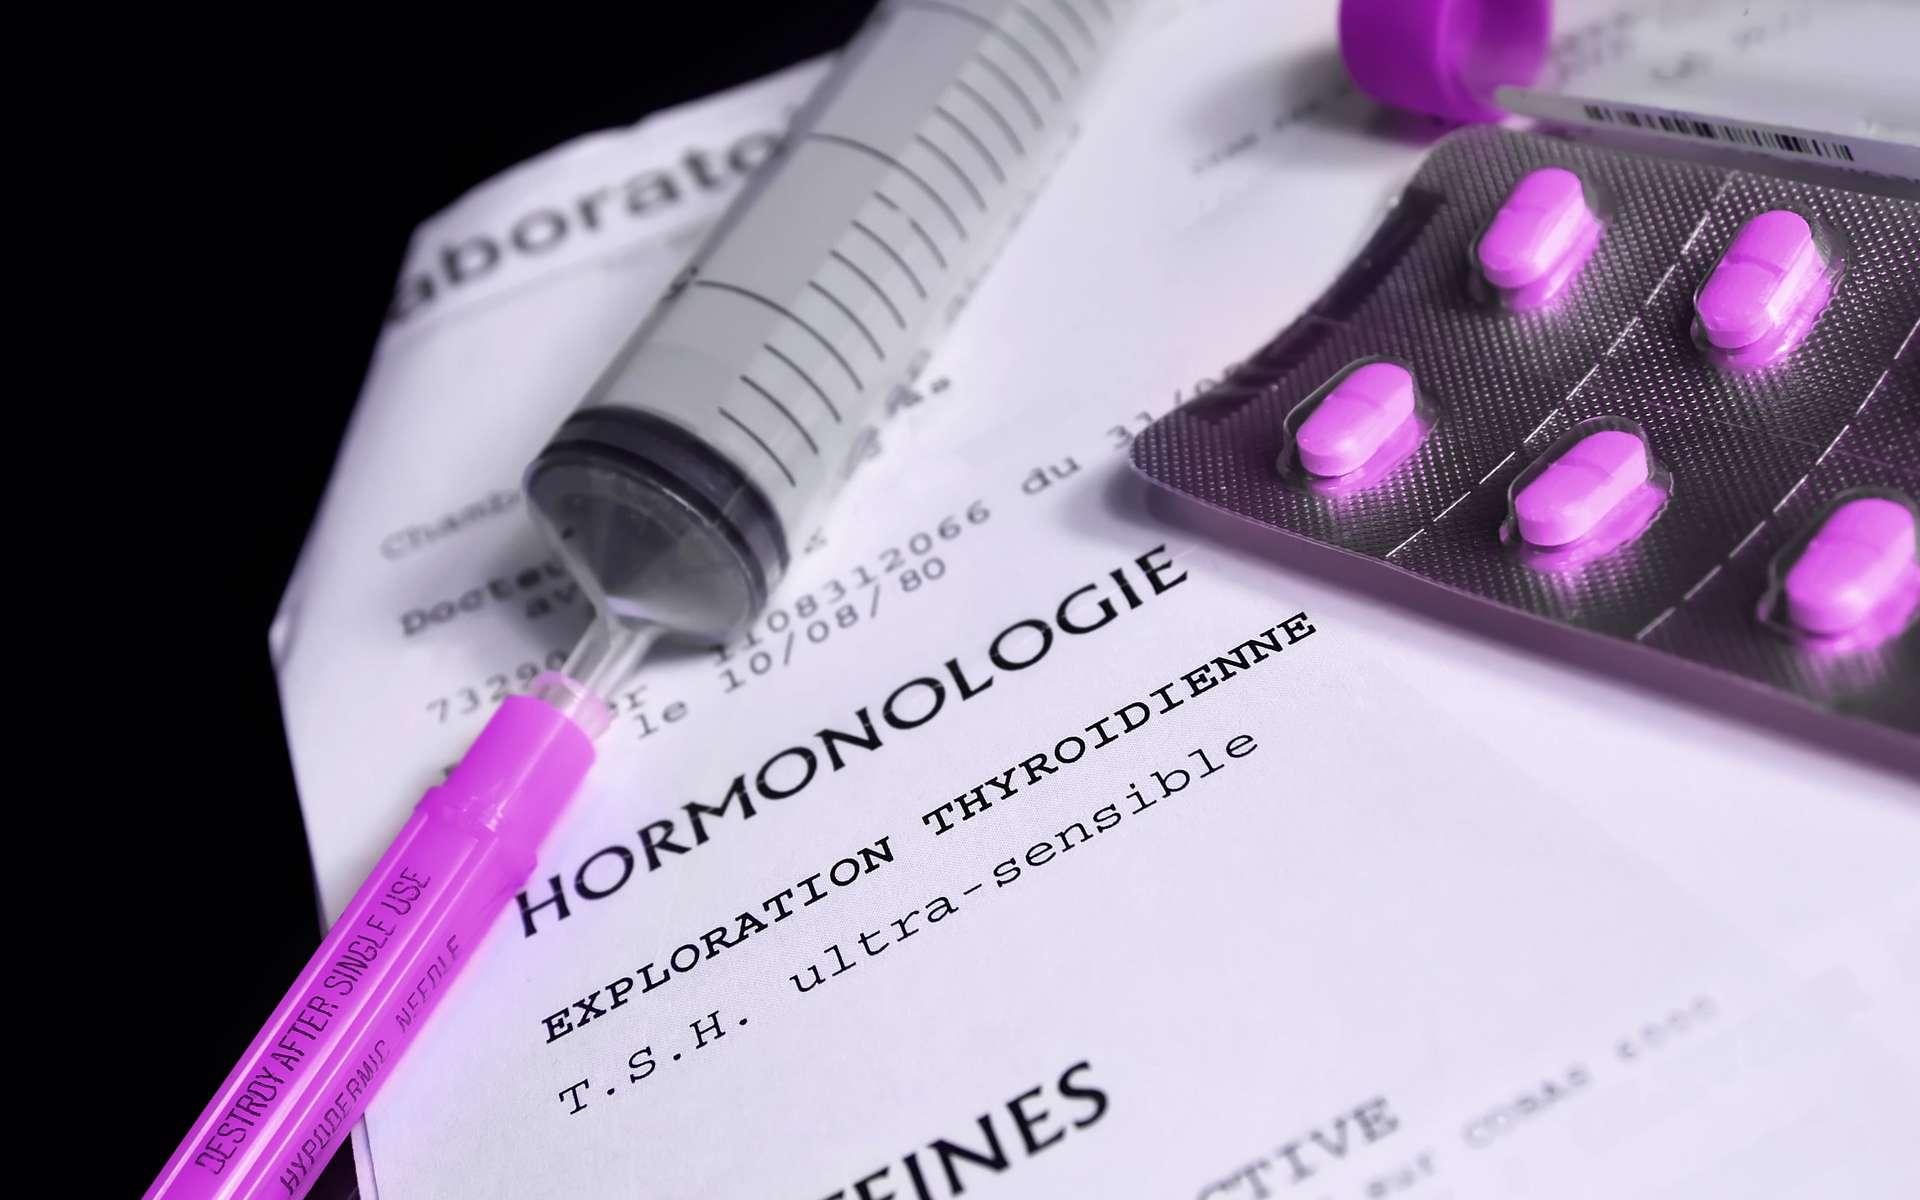 La thyroïde est une petite glande située à la base du cou. Son bon fonctionnement est crucial pour une bonne santé. Un déficit de production d'hormones thyroïdiennes (ou hypothyroïdie) entraîne de forts troubles qui demandent un traitement à vie pour être contrôlés. © ursule, Adobe Stock